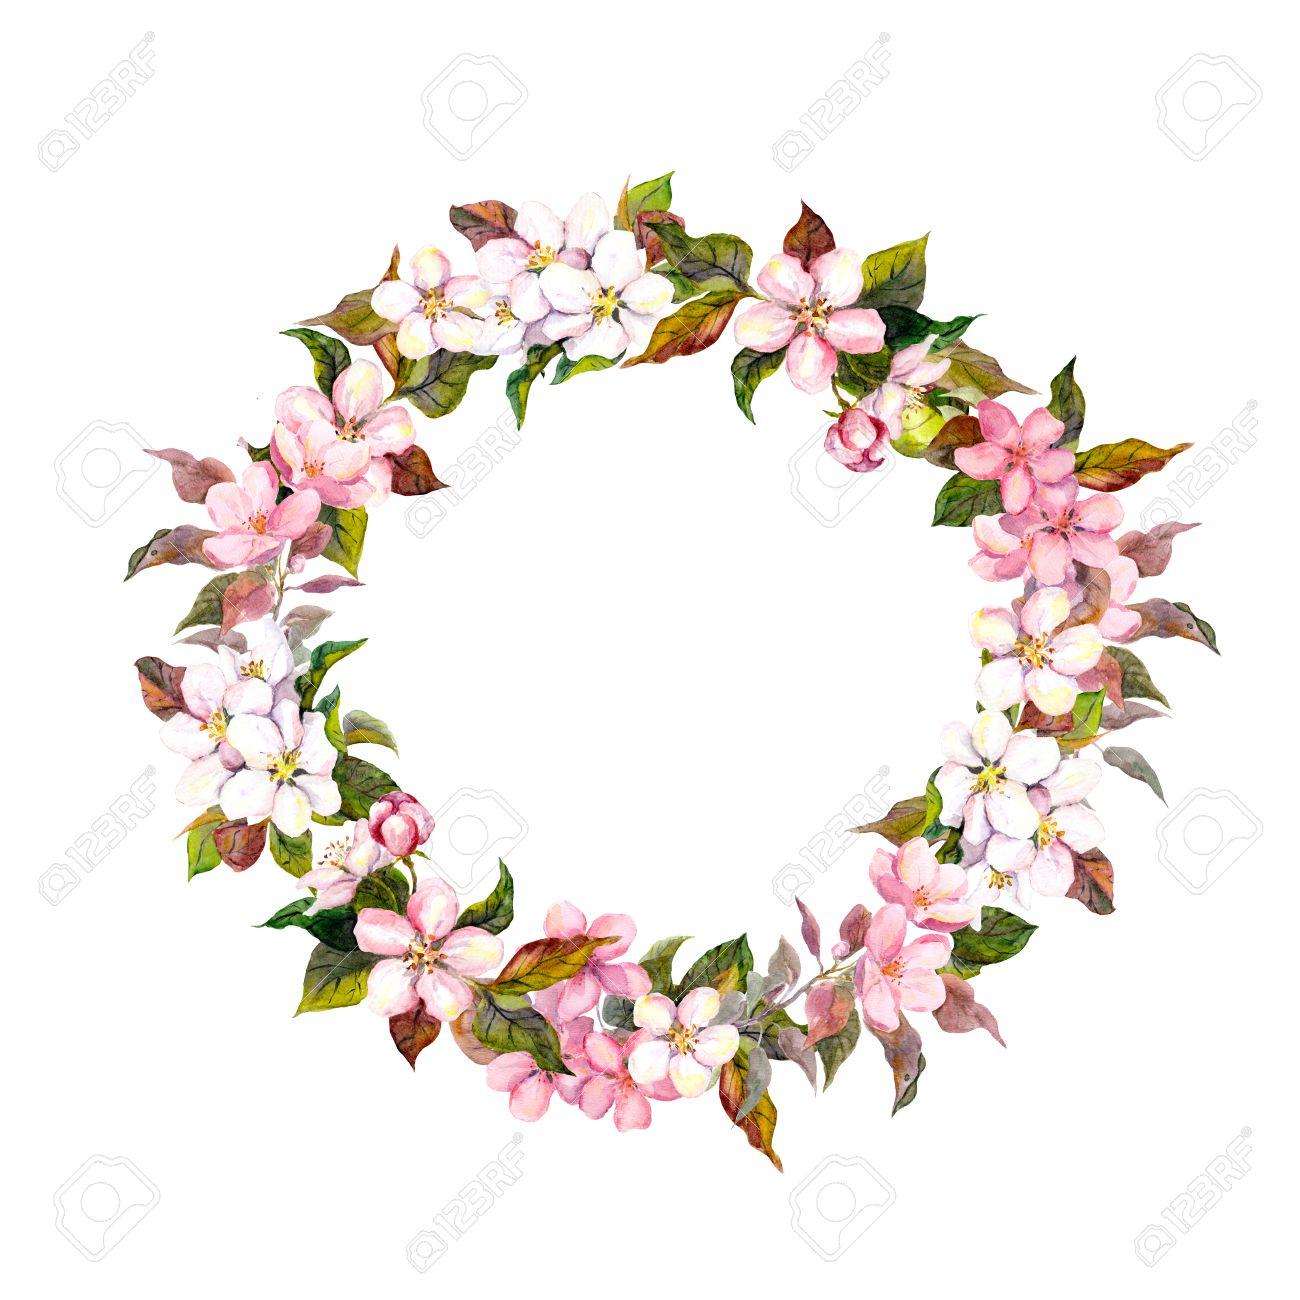 Seamless Floral Vorlage Mit Aquarell Gemalten Apfel Und Kirsche ...